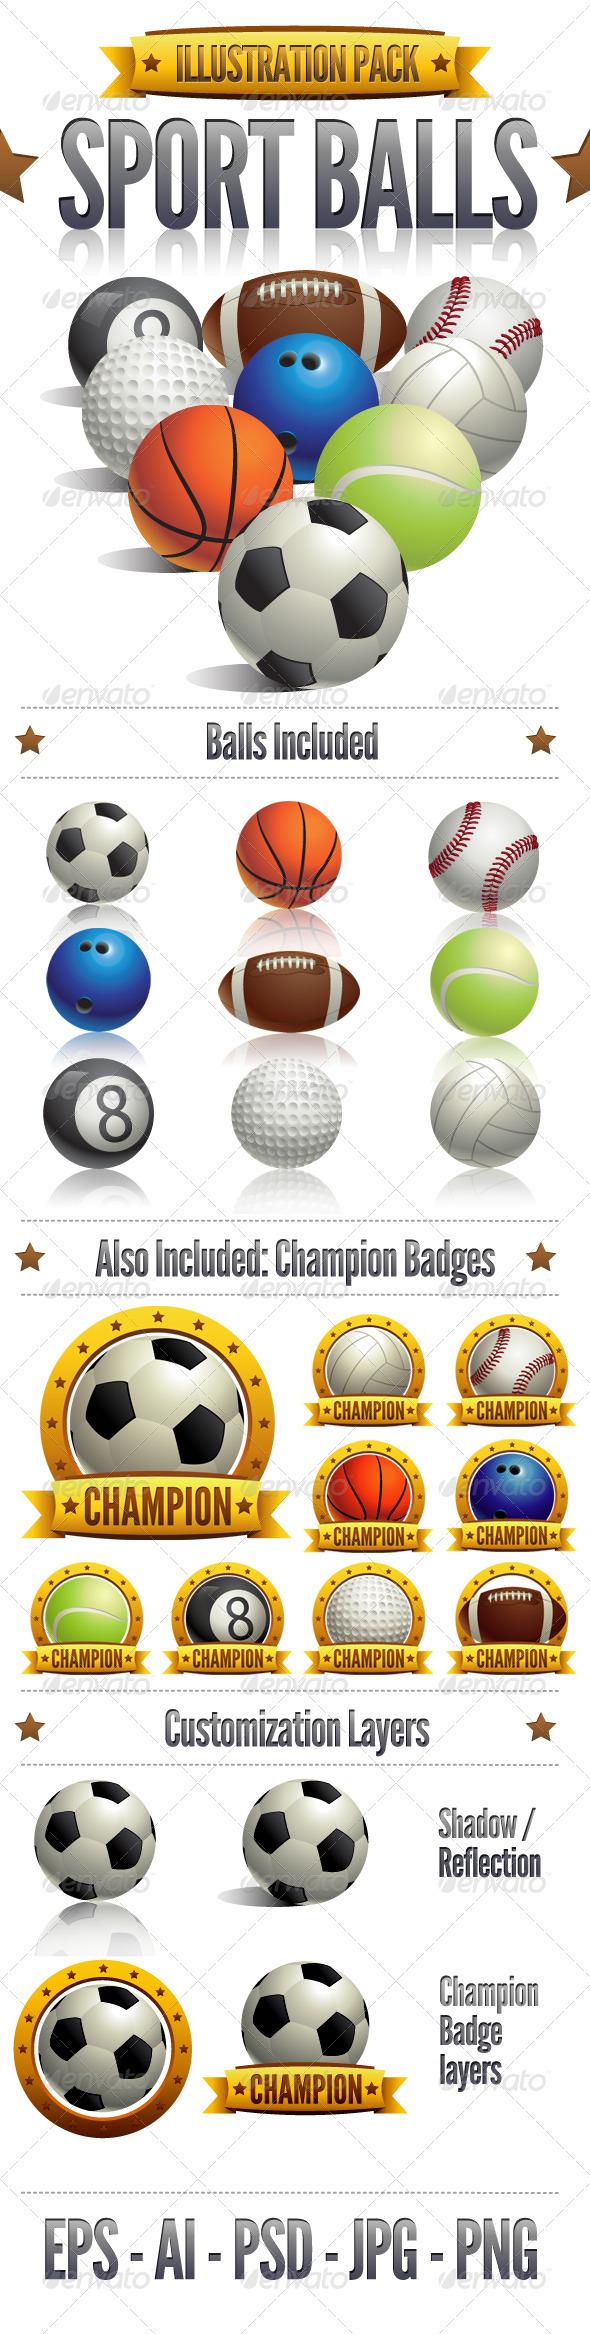 GraphicRiver Sport Balls 2601480